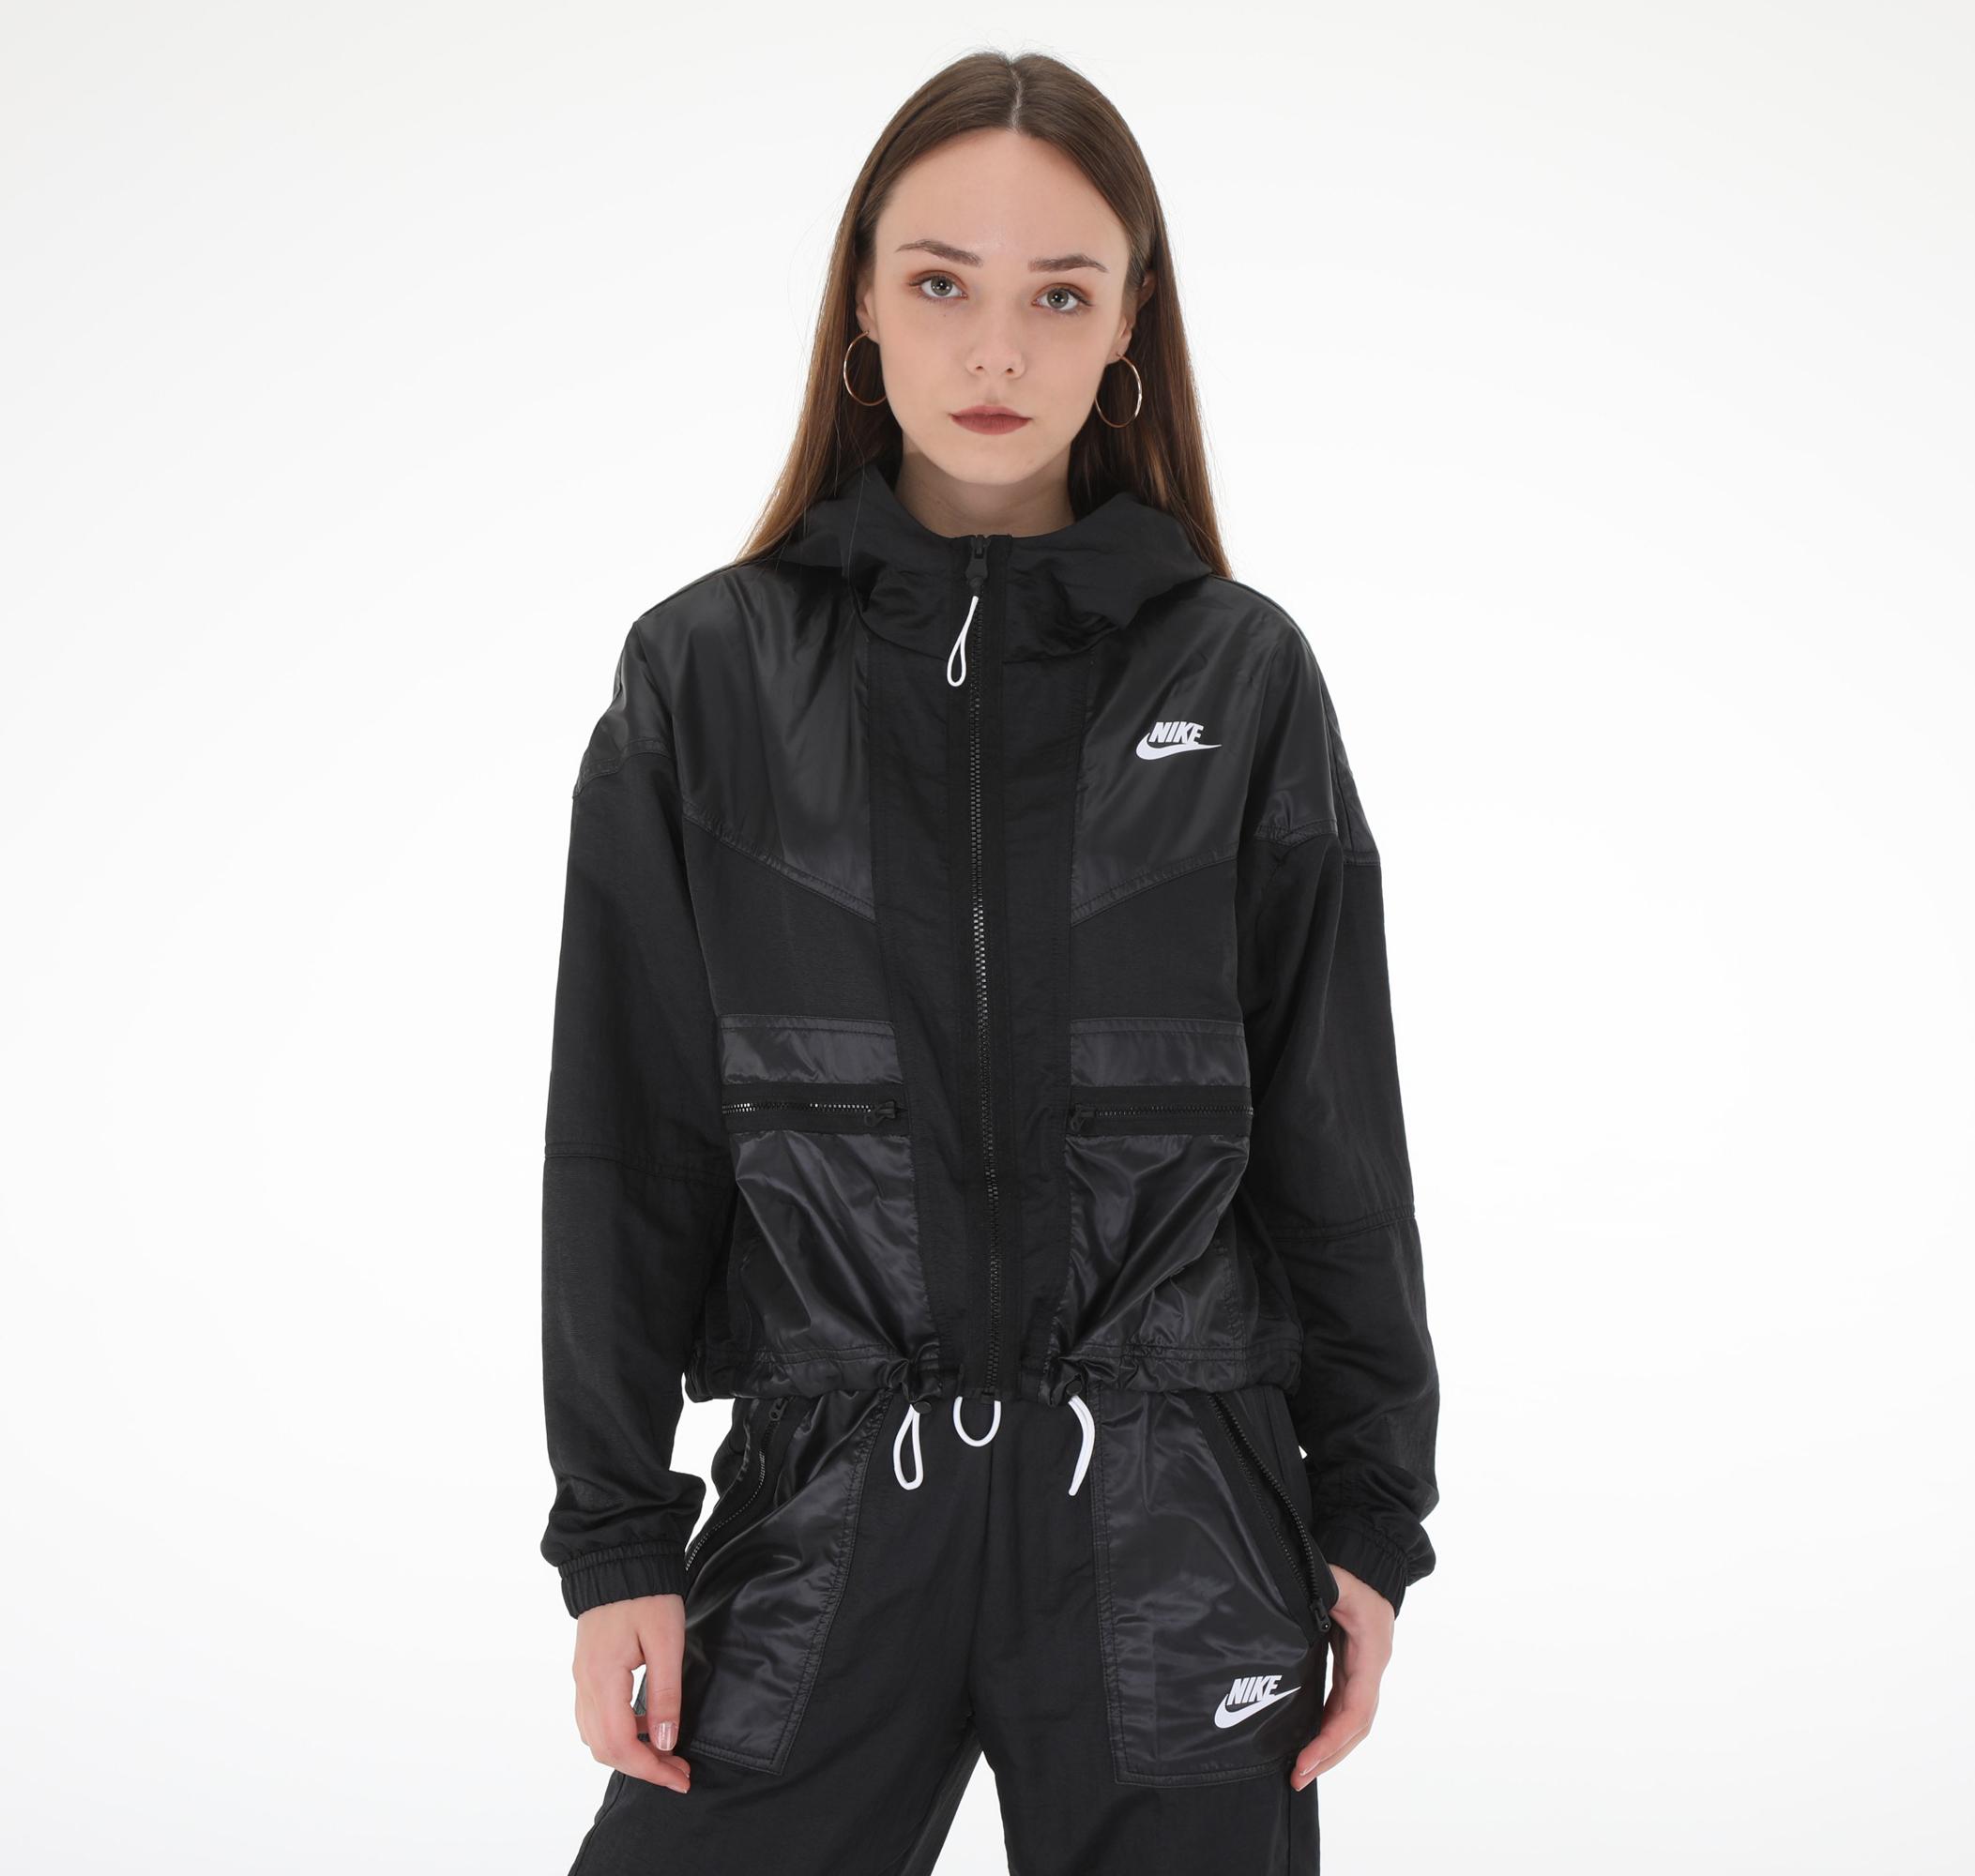 W Nsw Wr Jkt Cargo Rebel Kadın Yağmurluk-Rüzgarlık